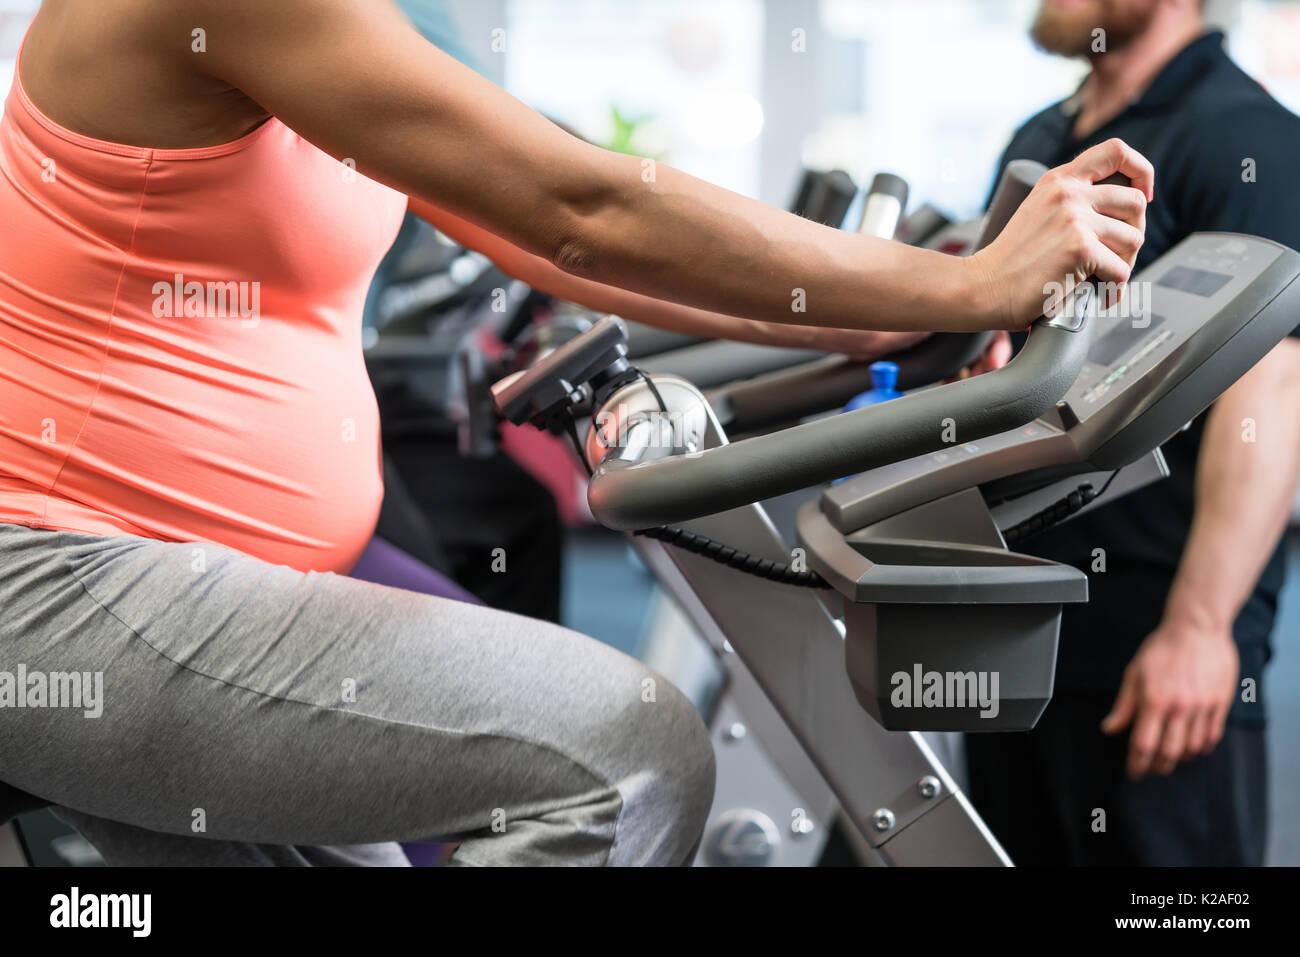 Femme enceinte sur spinning Vélo de remise en forme dans la salle de sport Photo Stock